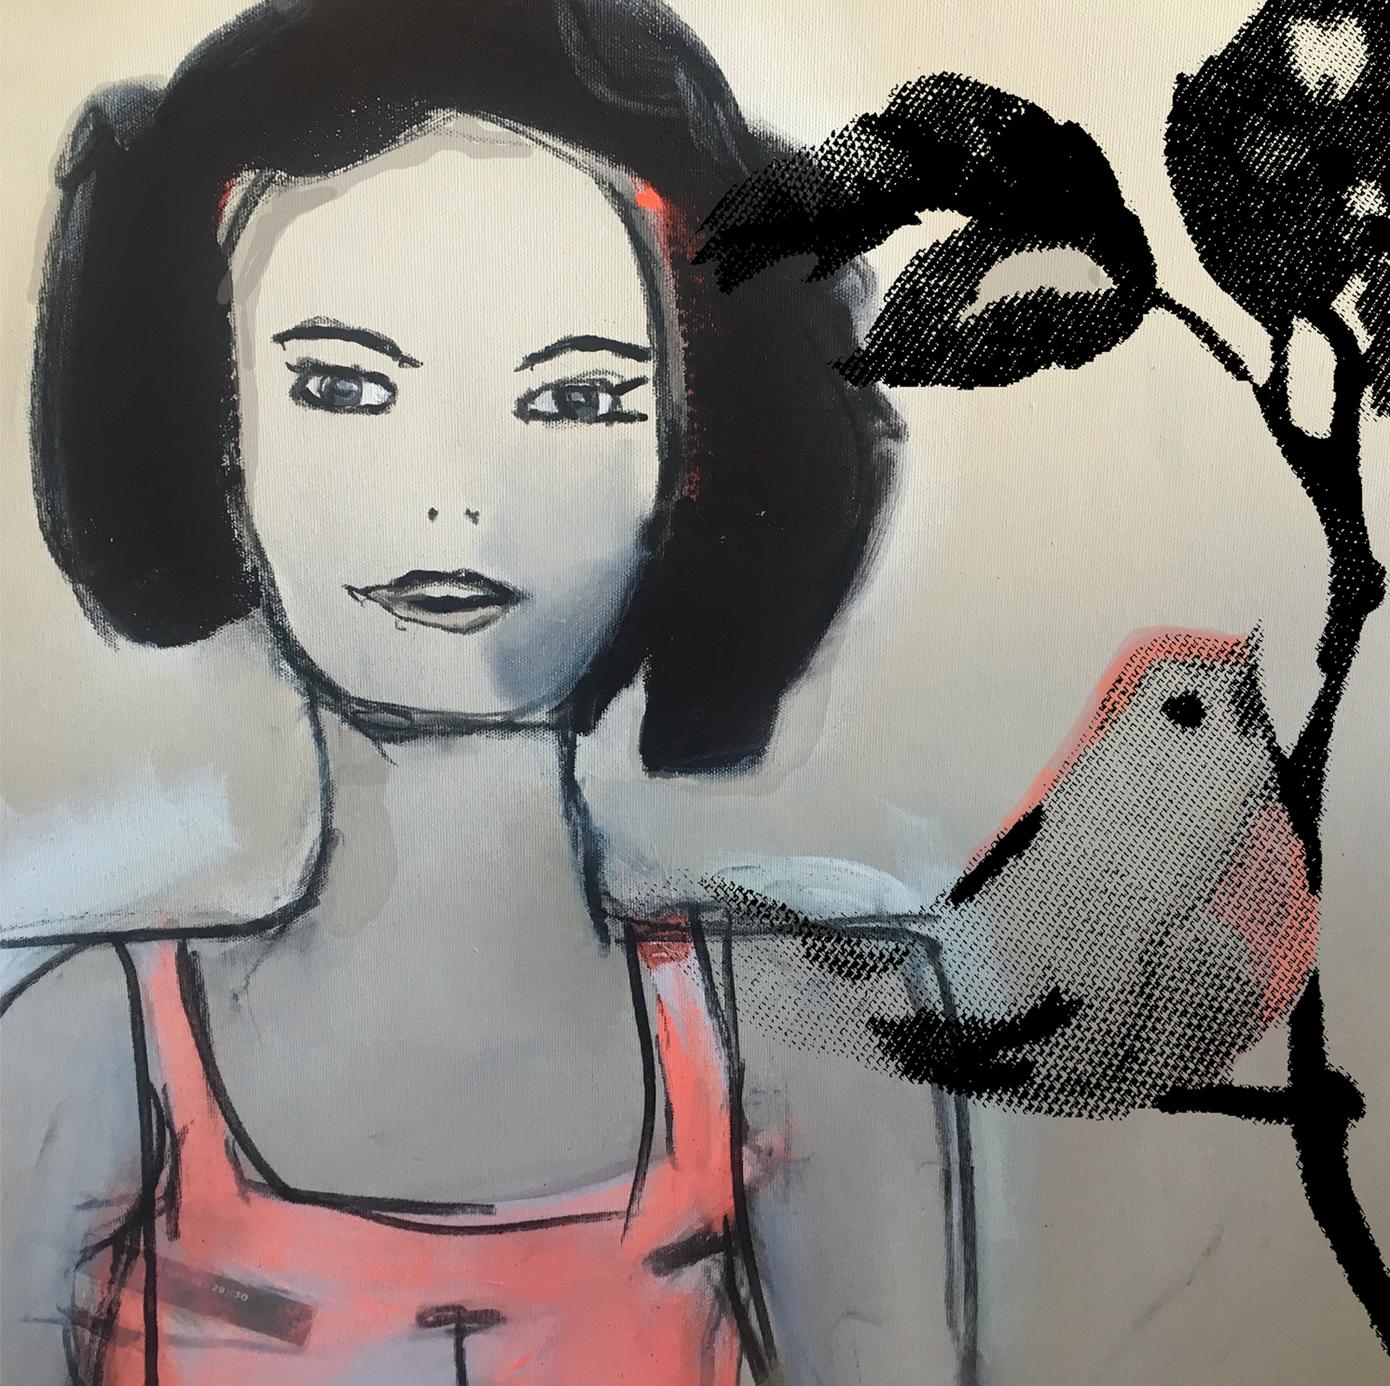 Maleri av en kvinne